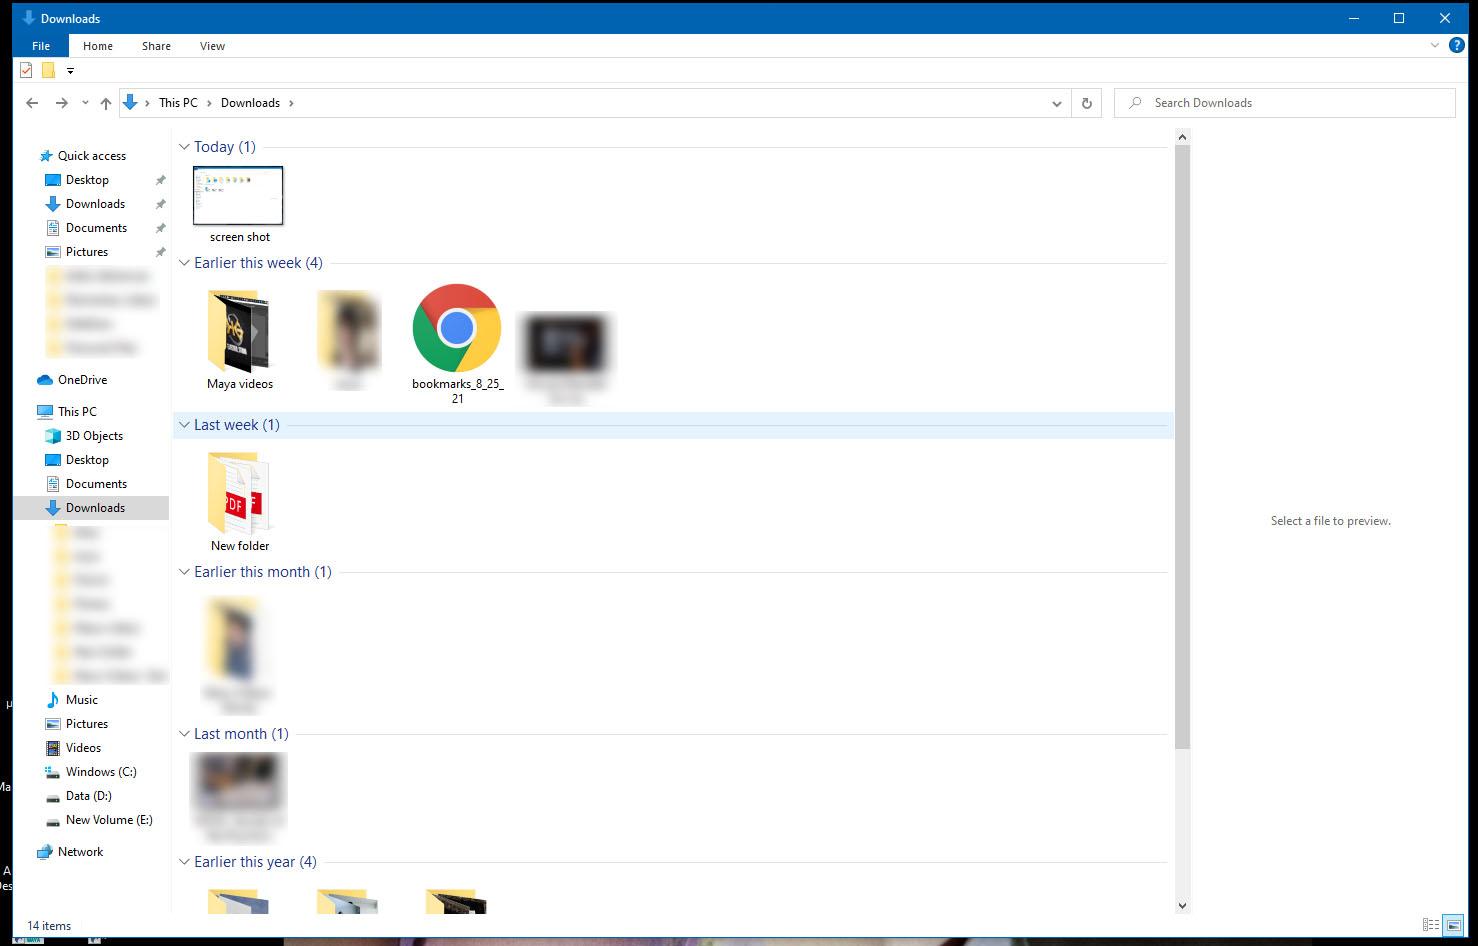 screen shot 2.jpg